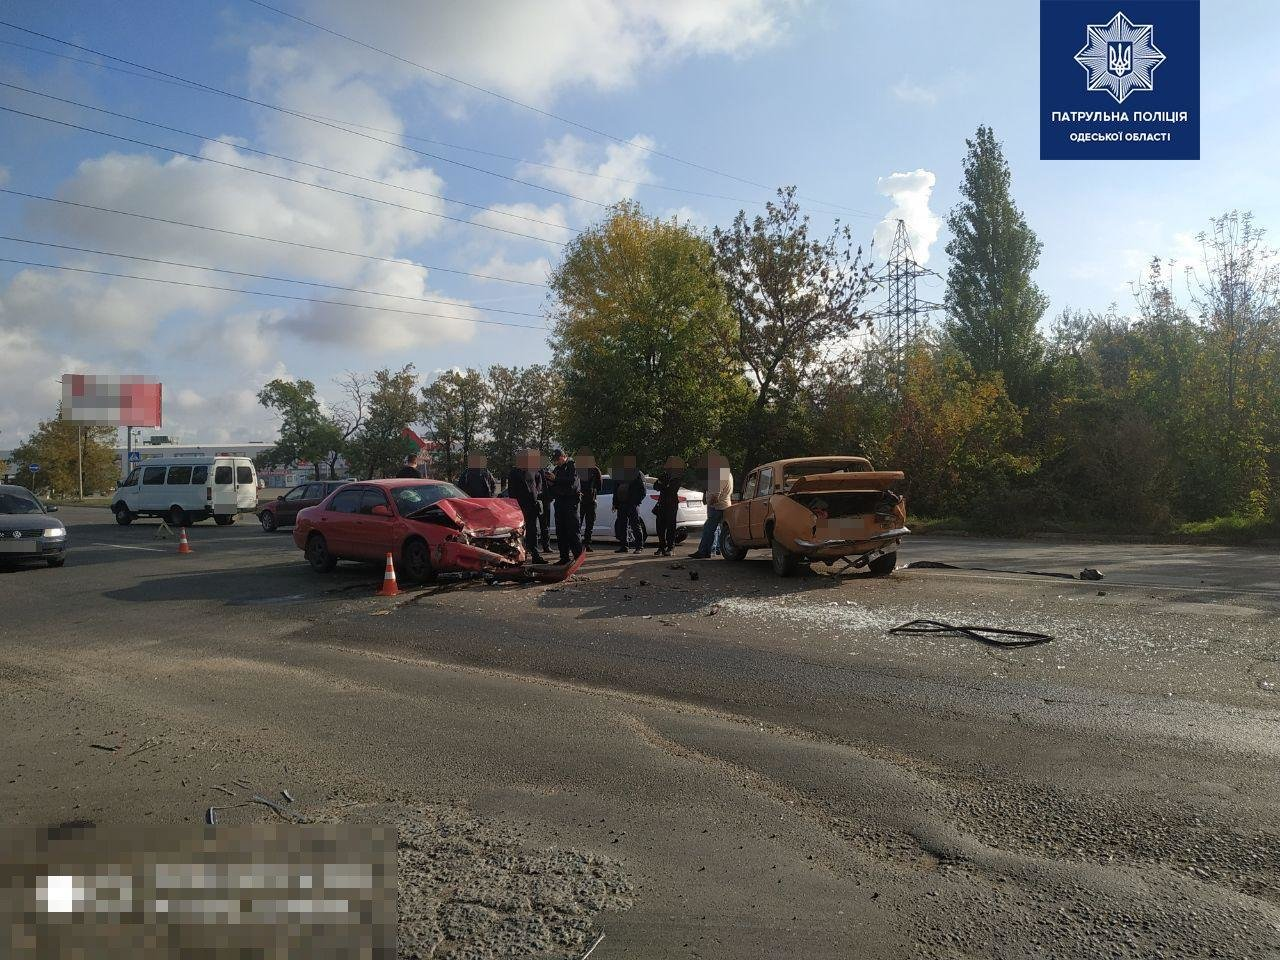 Под Одессой столкнулись Mazda и Жигули, есть пострадавшие, - ФОТО, фото-3